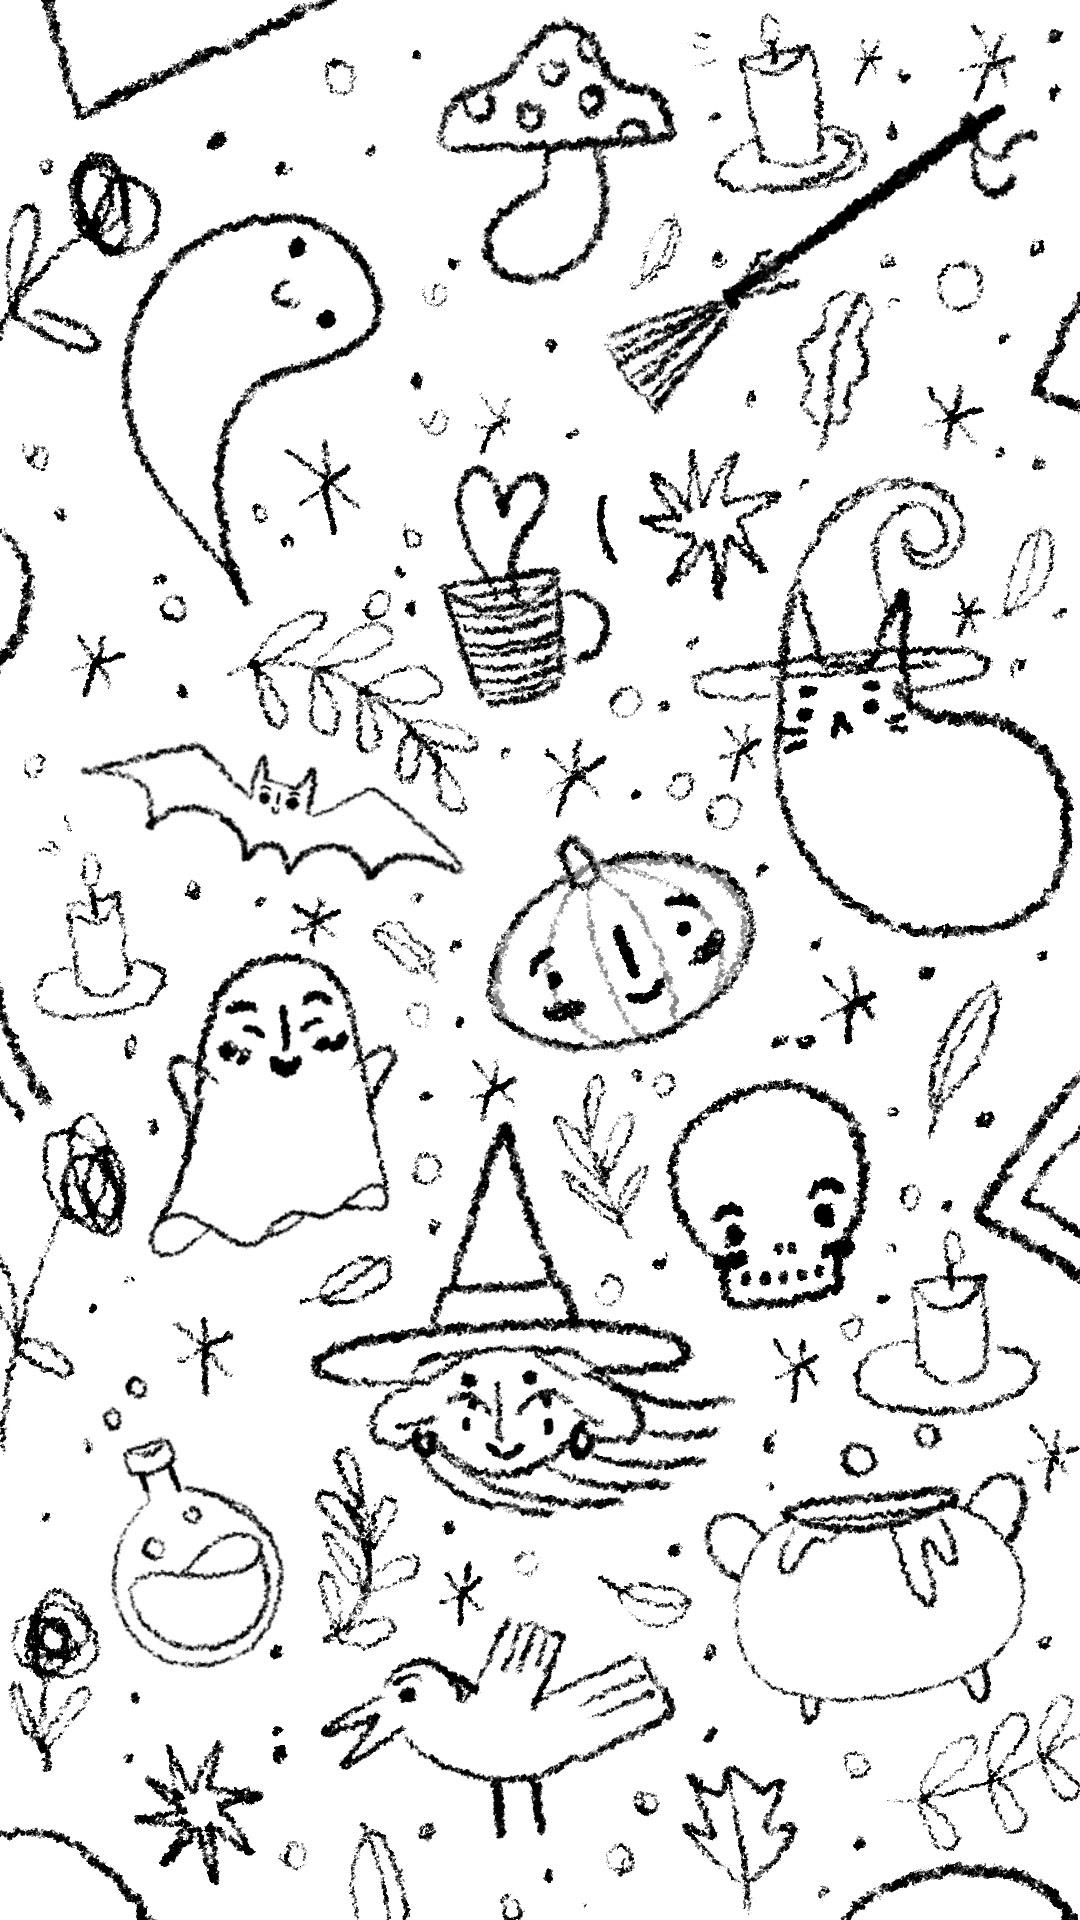 fond d'écran graphic design  graphisme Halloween ILLUSTRATION  mise en page wallpaper